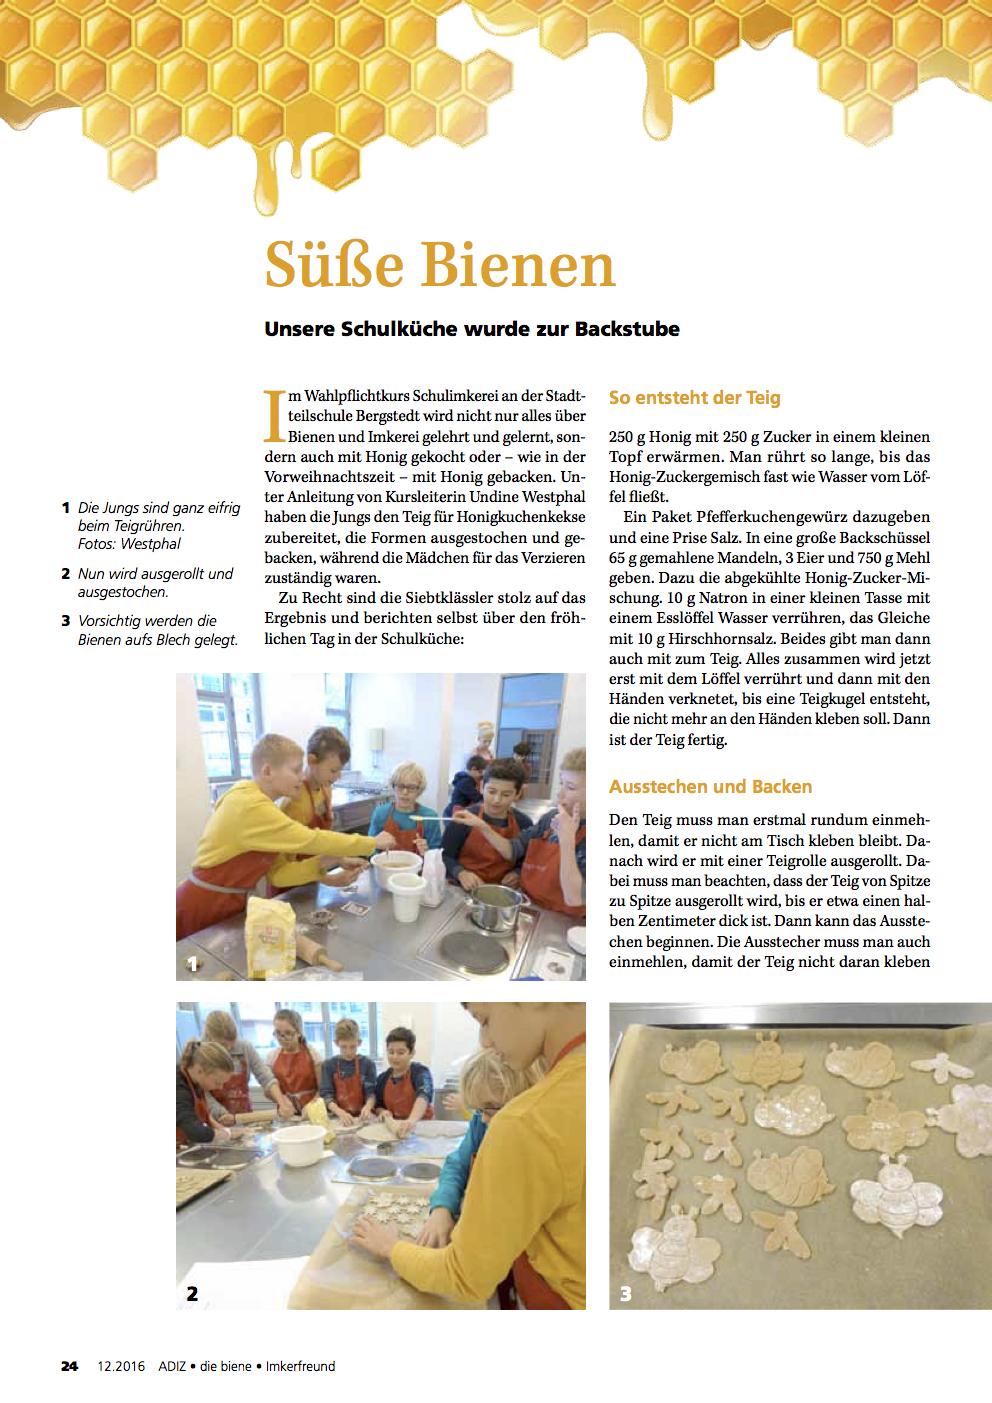 Dieser Artikel ist in der aktuellen Ausgabe der ADIZ / die biene / Imkerfreund erschienen.